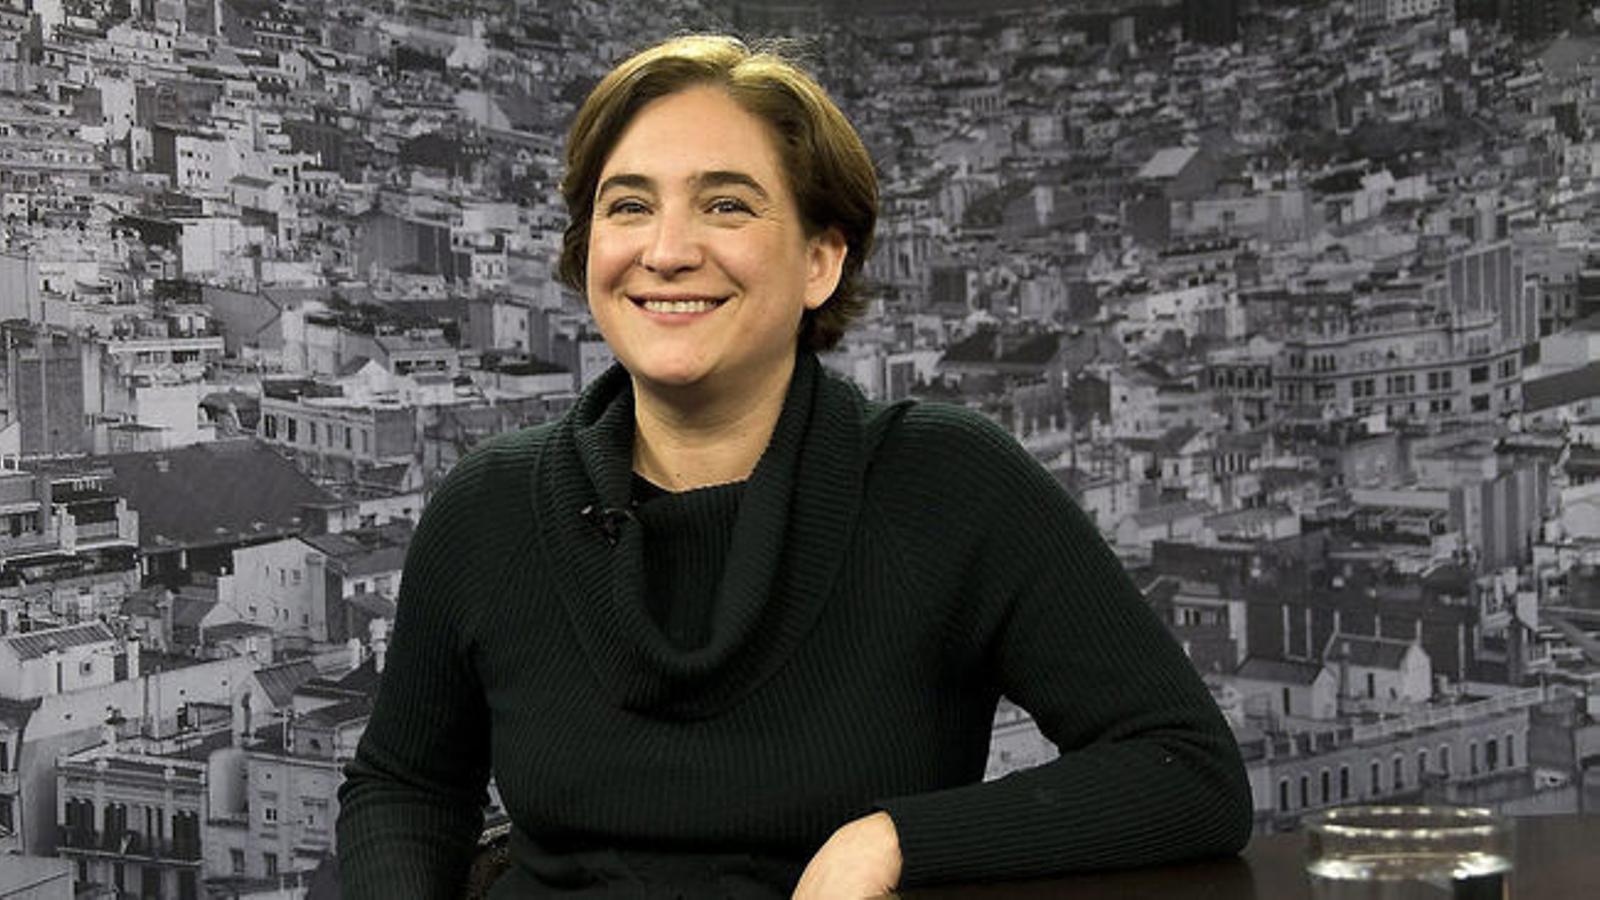 L'alcaldessa Ada Colau ha visitat els presos a Estremera i Soto del Real i ha demanat el seu alliberament